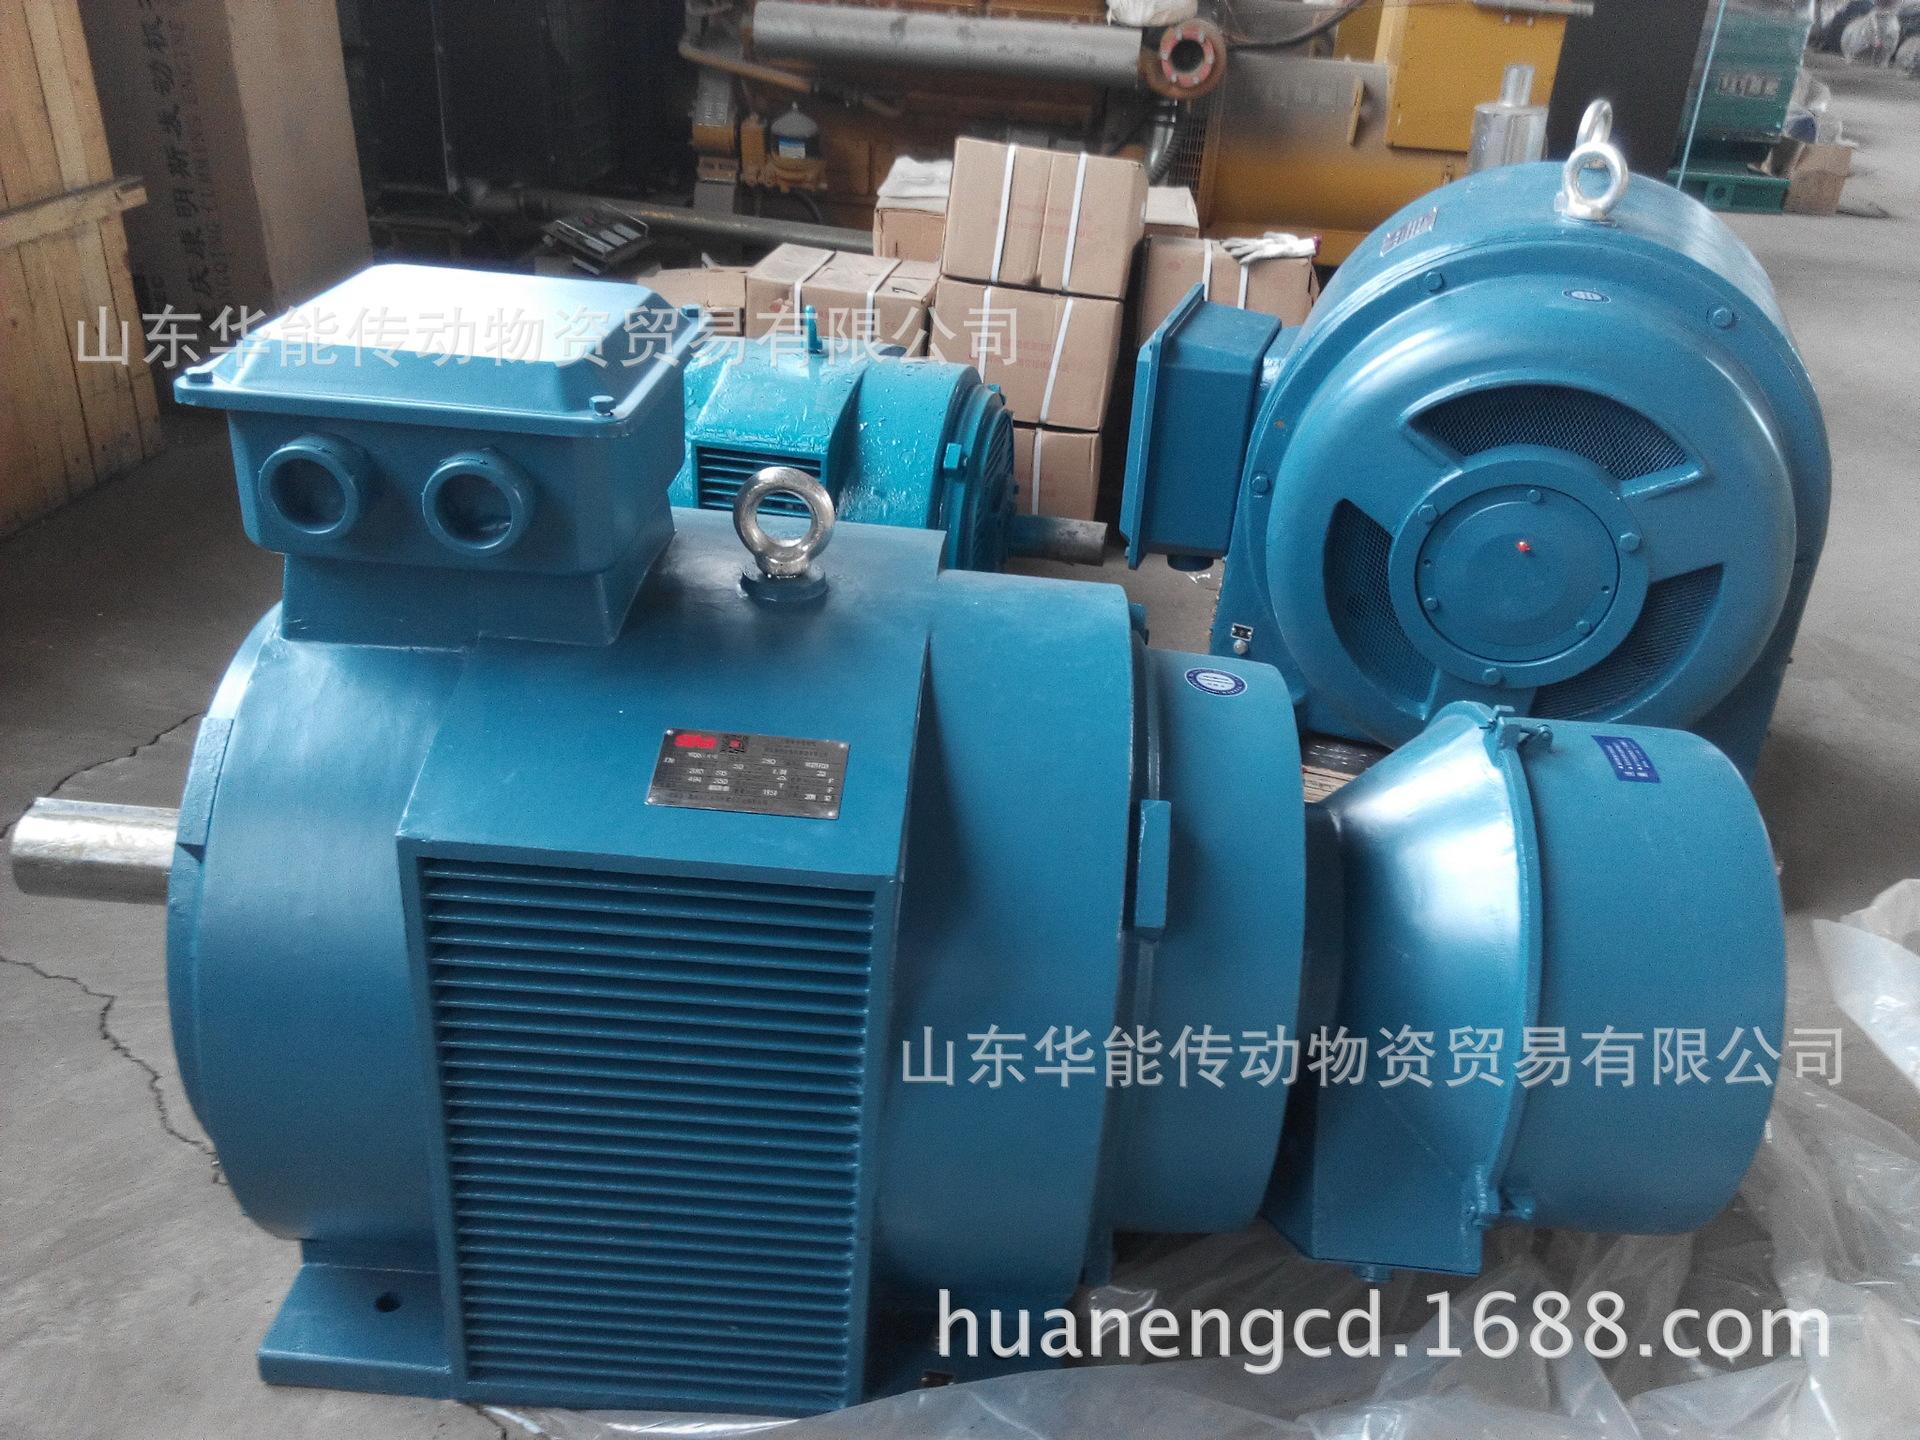 YBT-H电机【时尚】YB2-H船用电机|YZH电机|JZ2-H电机质量怎么样